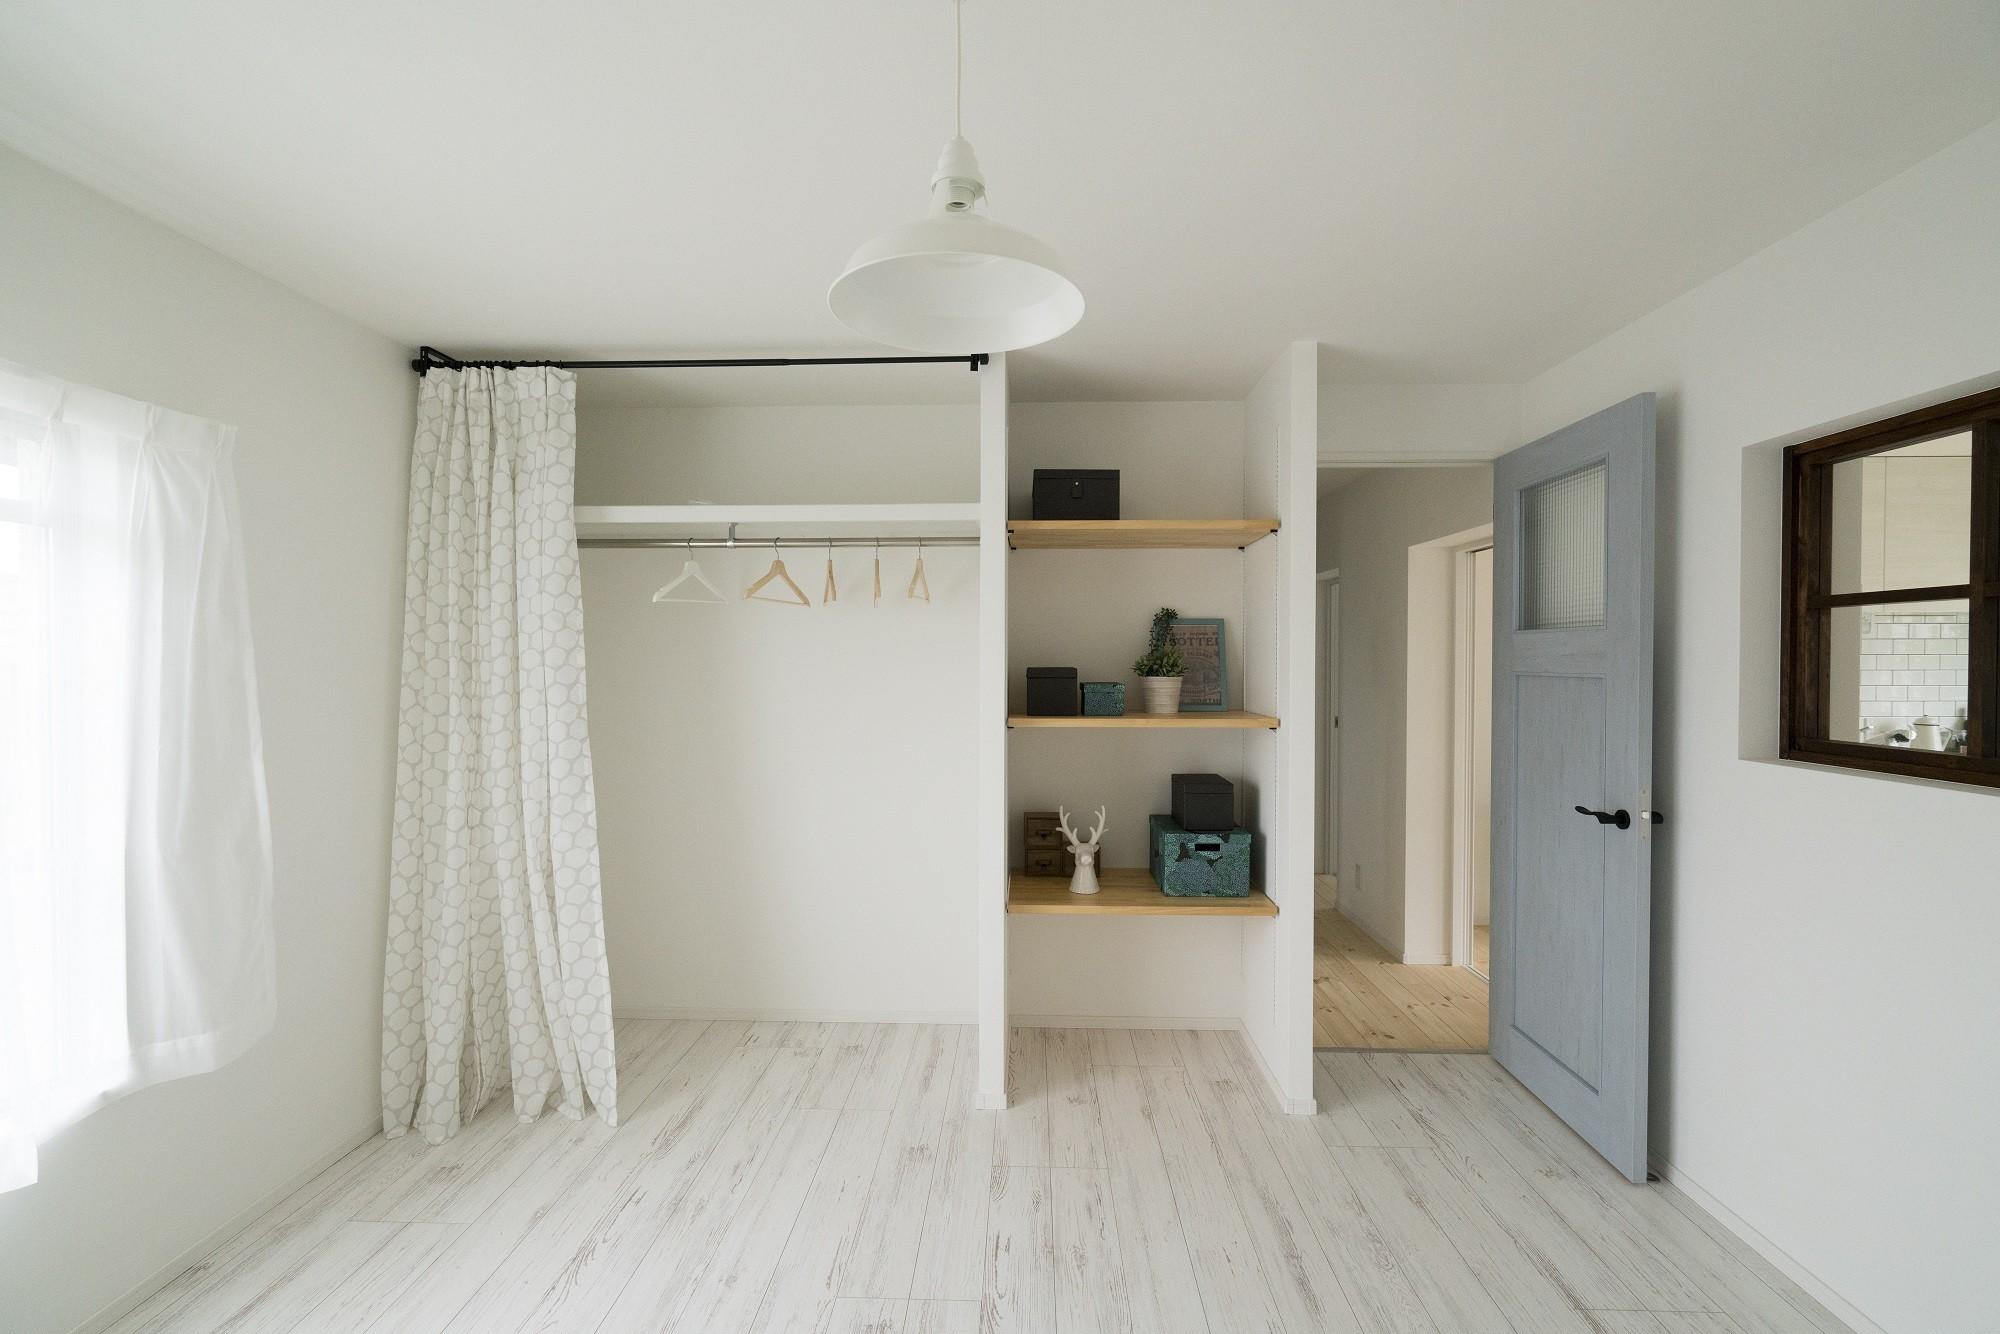 ベッドルーム事例:洋室(リノベーション リビングと繋がる部屋)